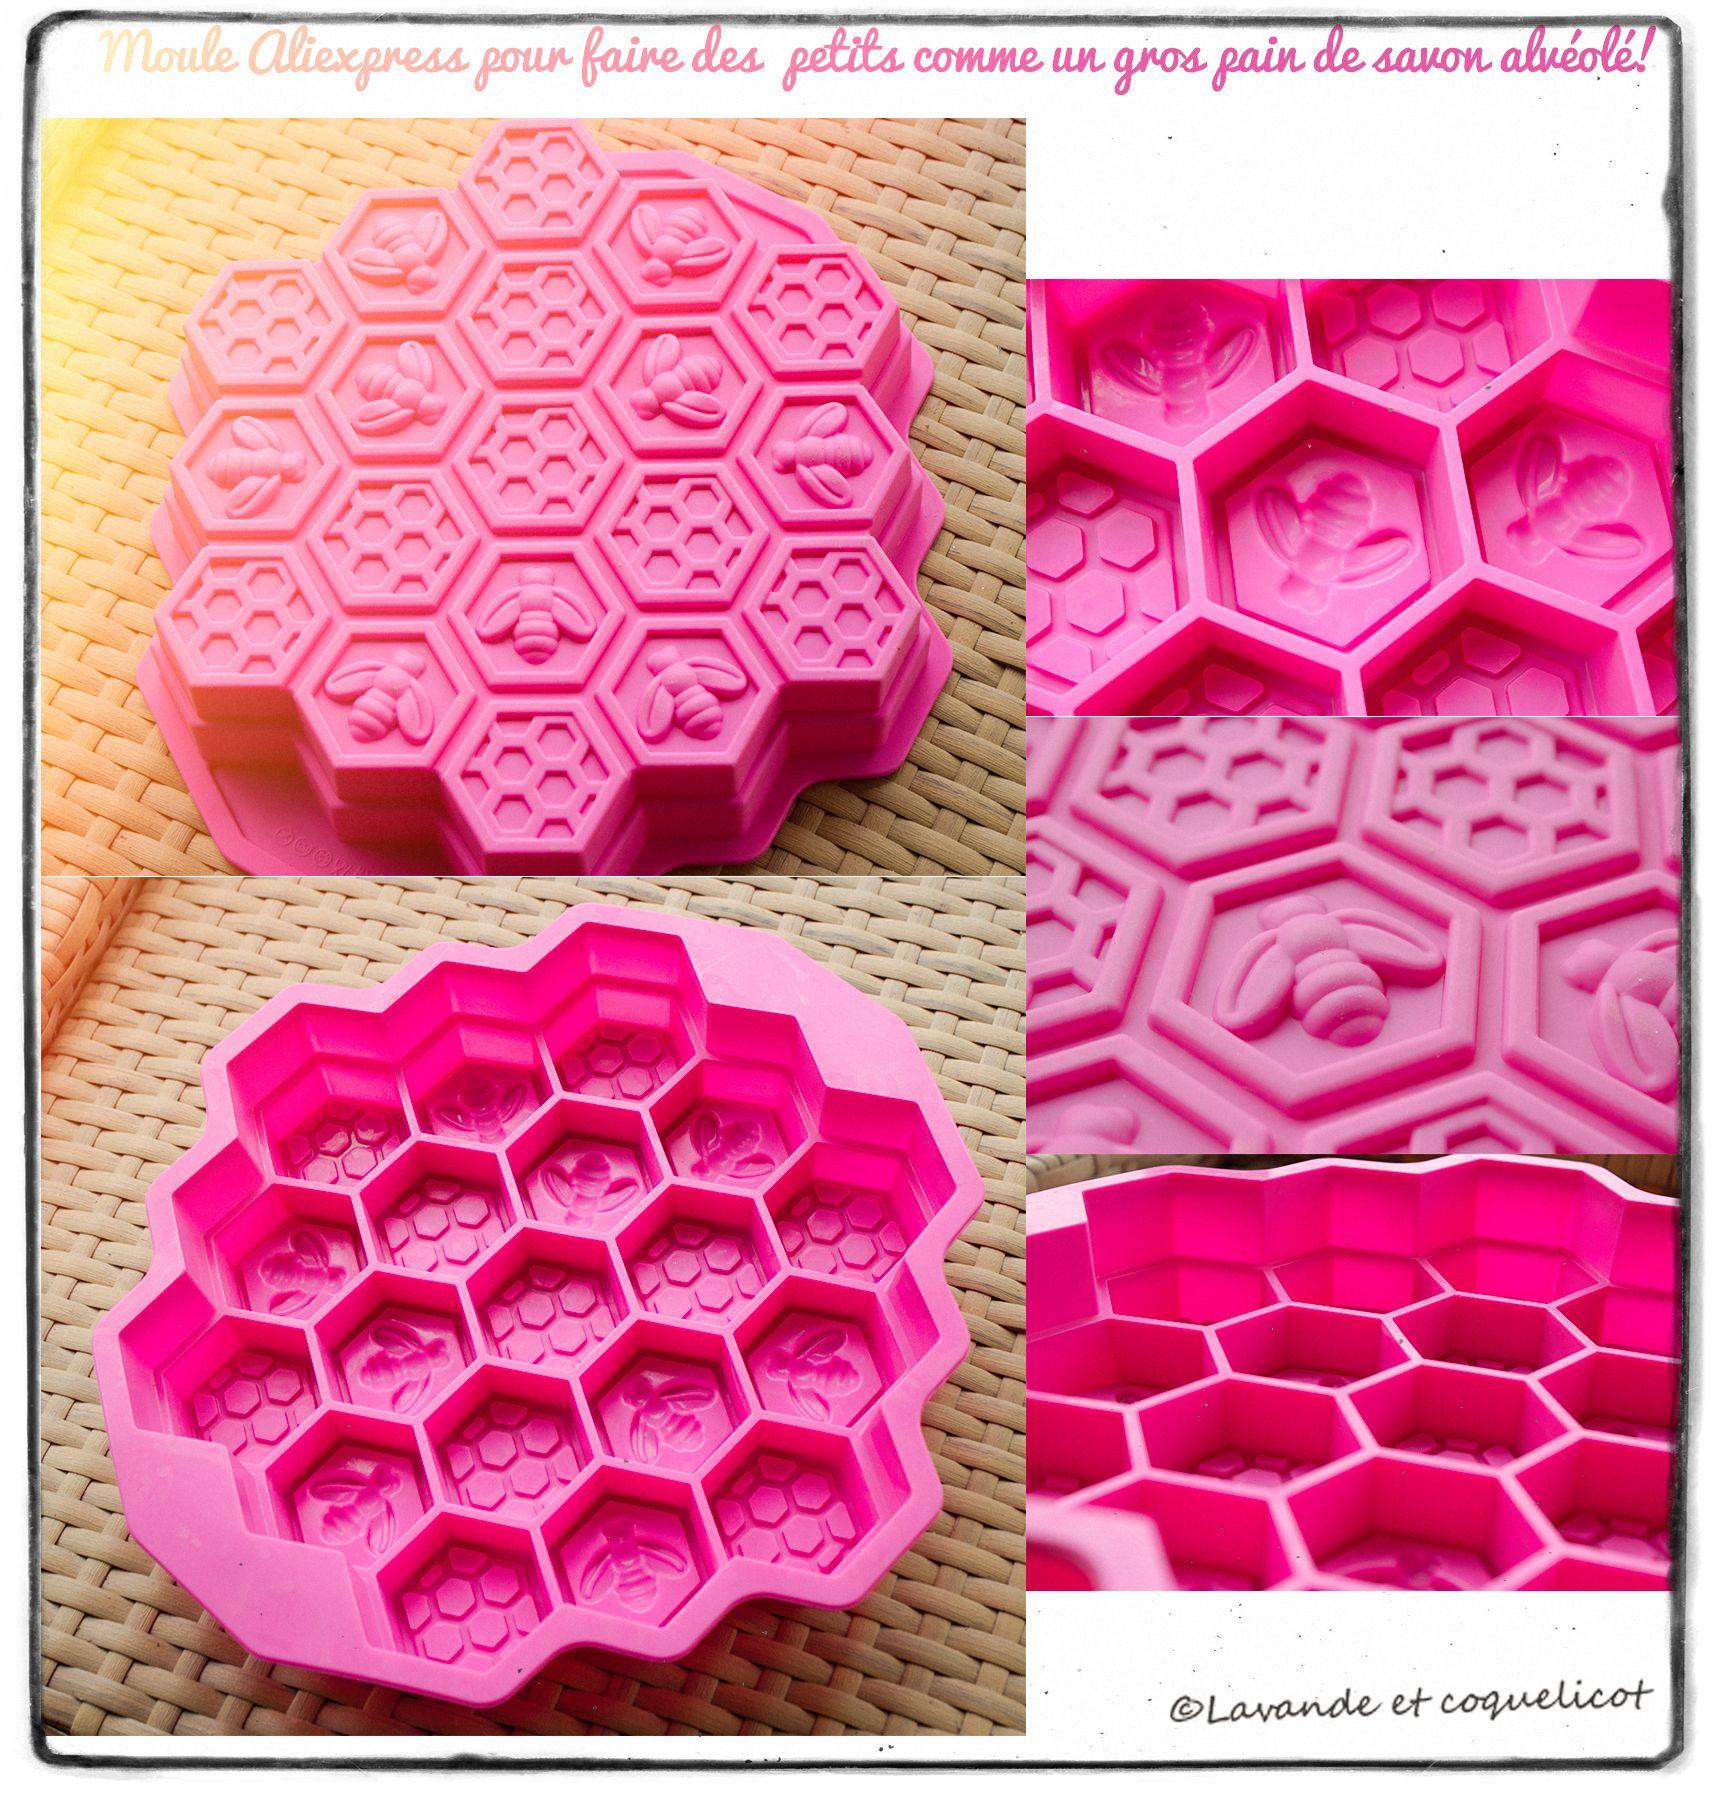 moule aliexpress alveole abeille lavande et coquelicot